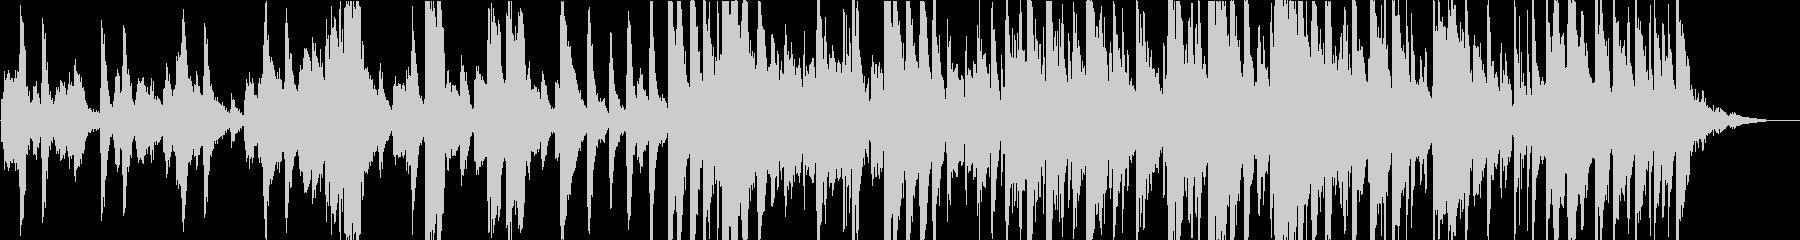 洒落たJazzyなサウンドの未再生の波形